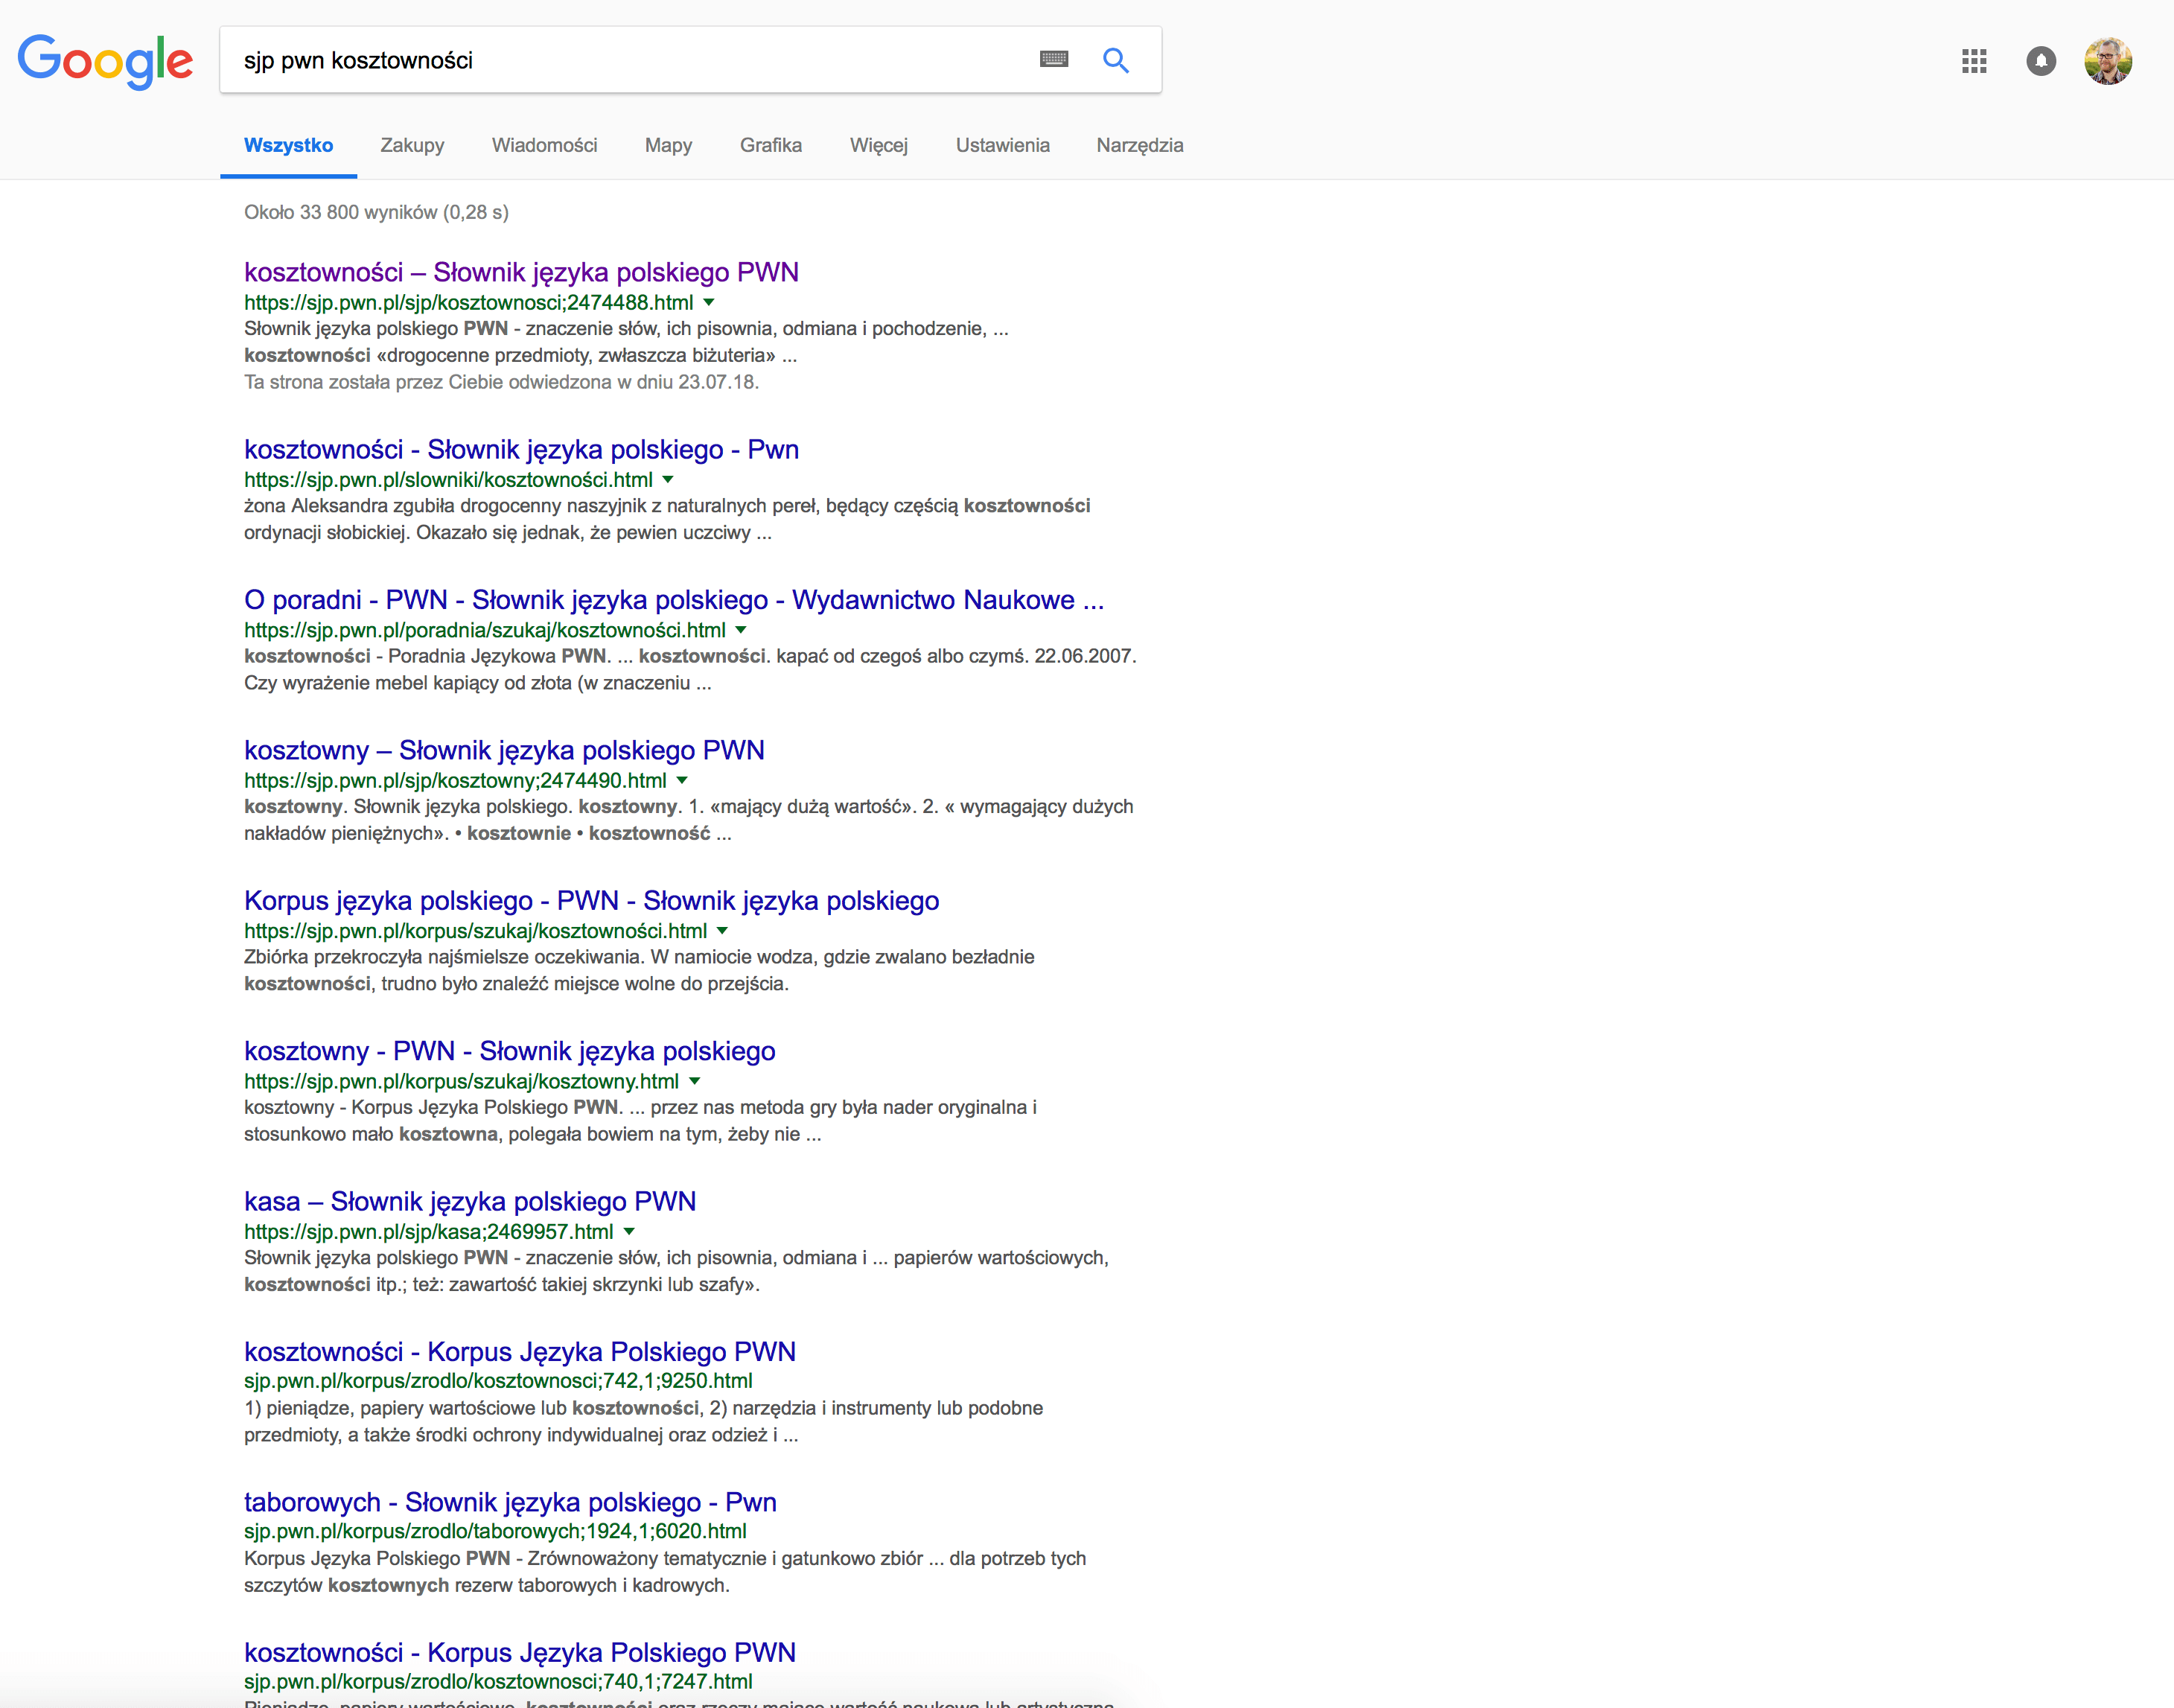 6fb9b8462a0ef Google kontra DuckDuckGo: porównanie wyszukiwarek, wyniki pojedynku